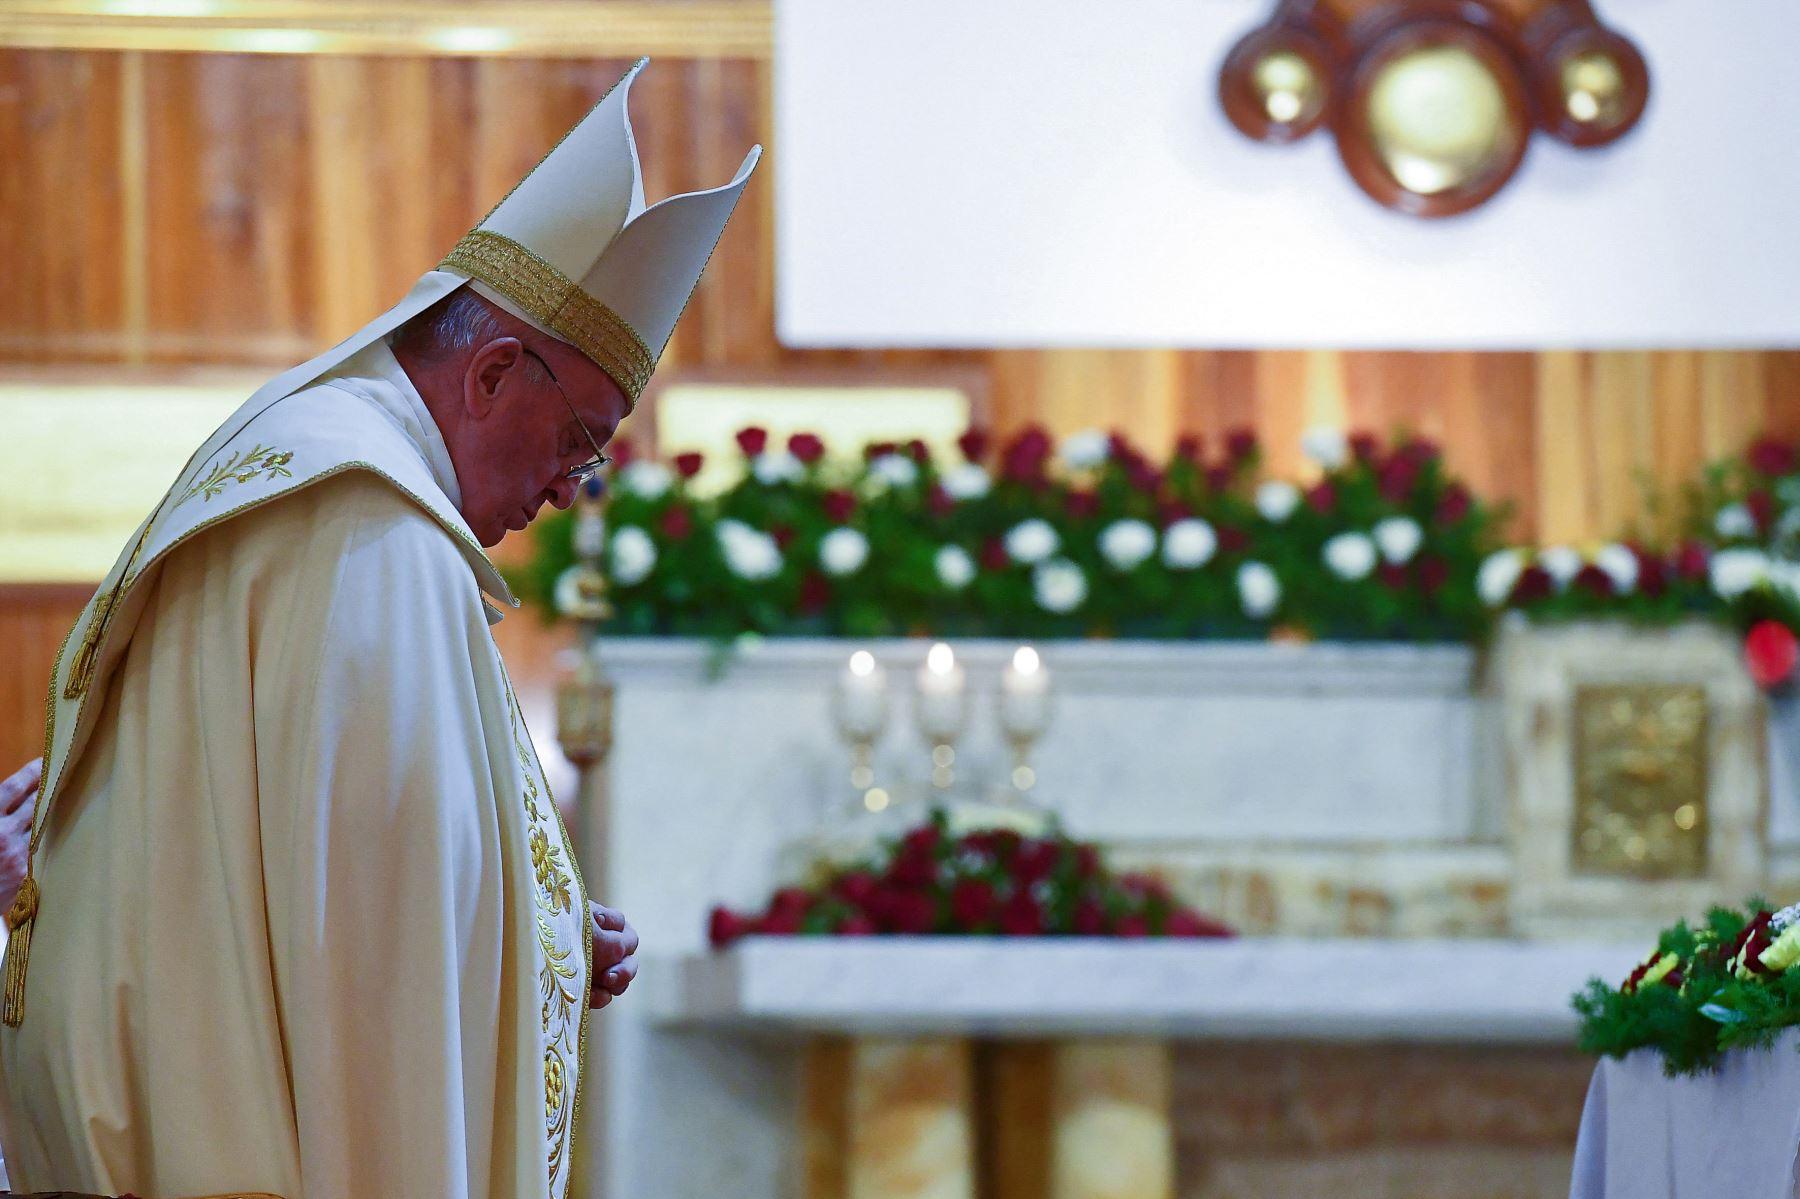 El Papa Francisco rezando durante la misa en la Catedral de San José de Bagdad en el segundo día de la primera visita papal a Irak.  Foto: AFP